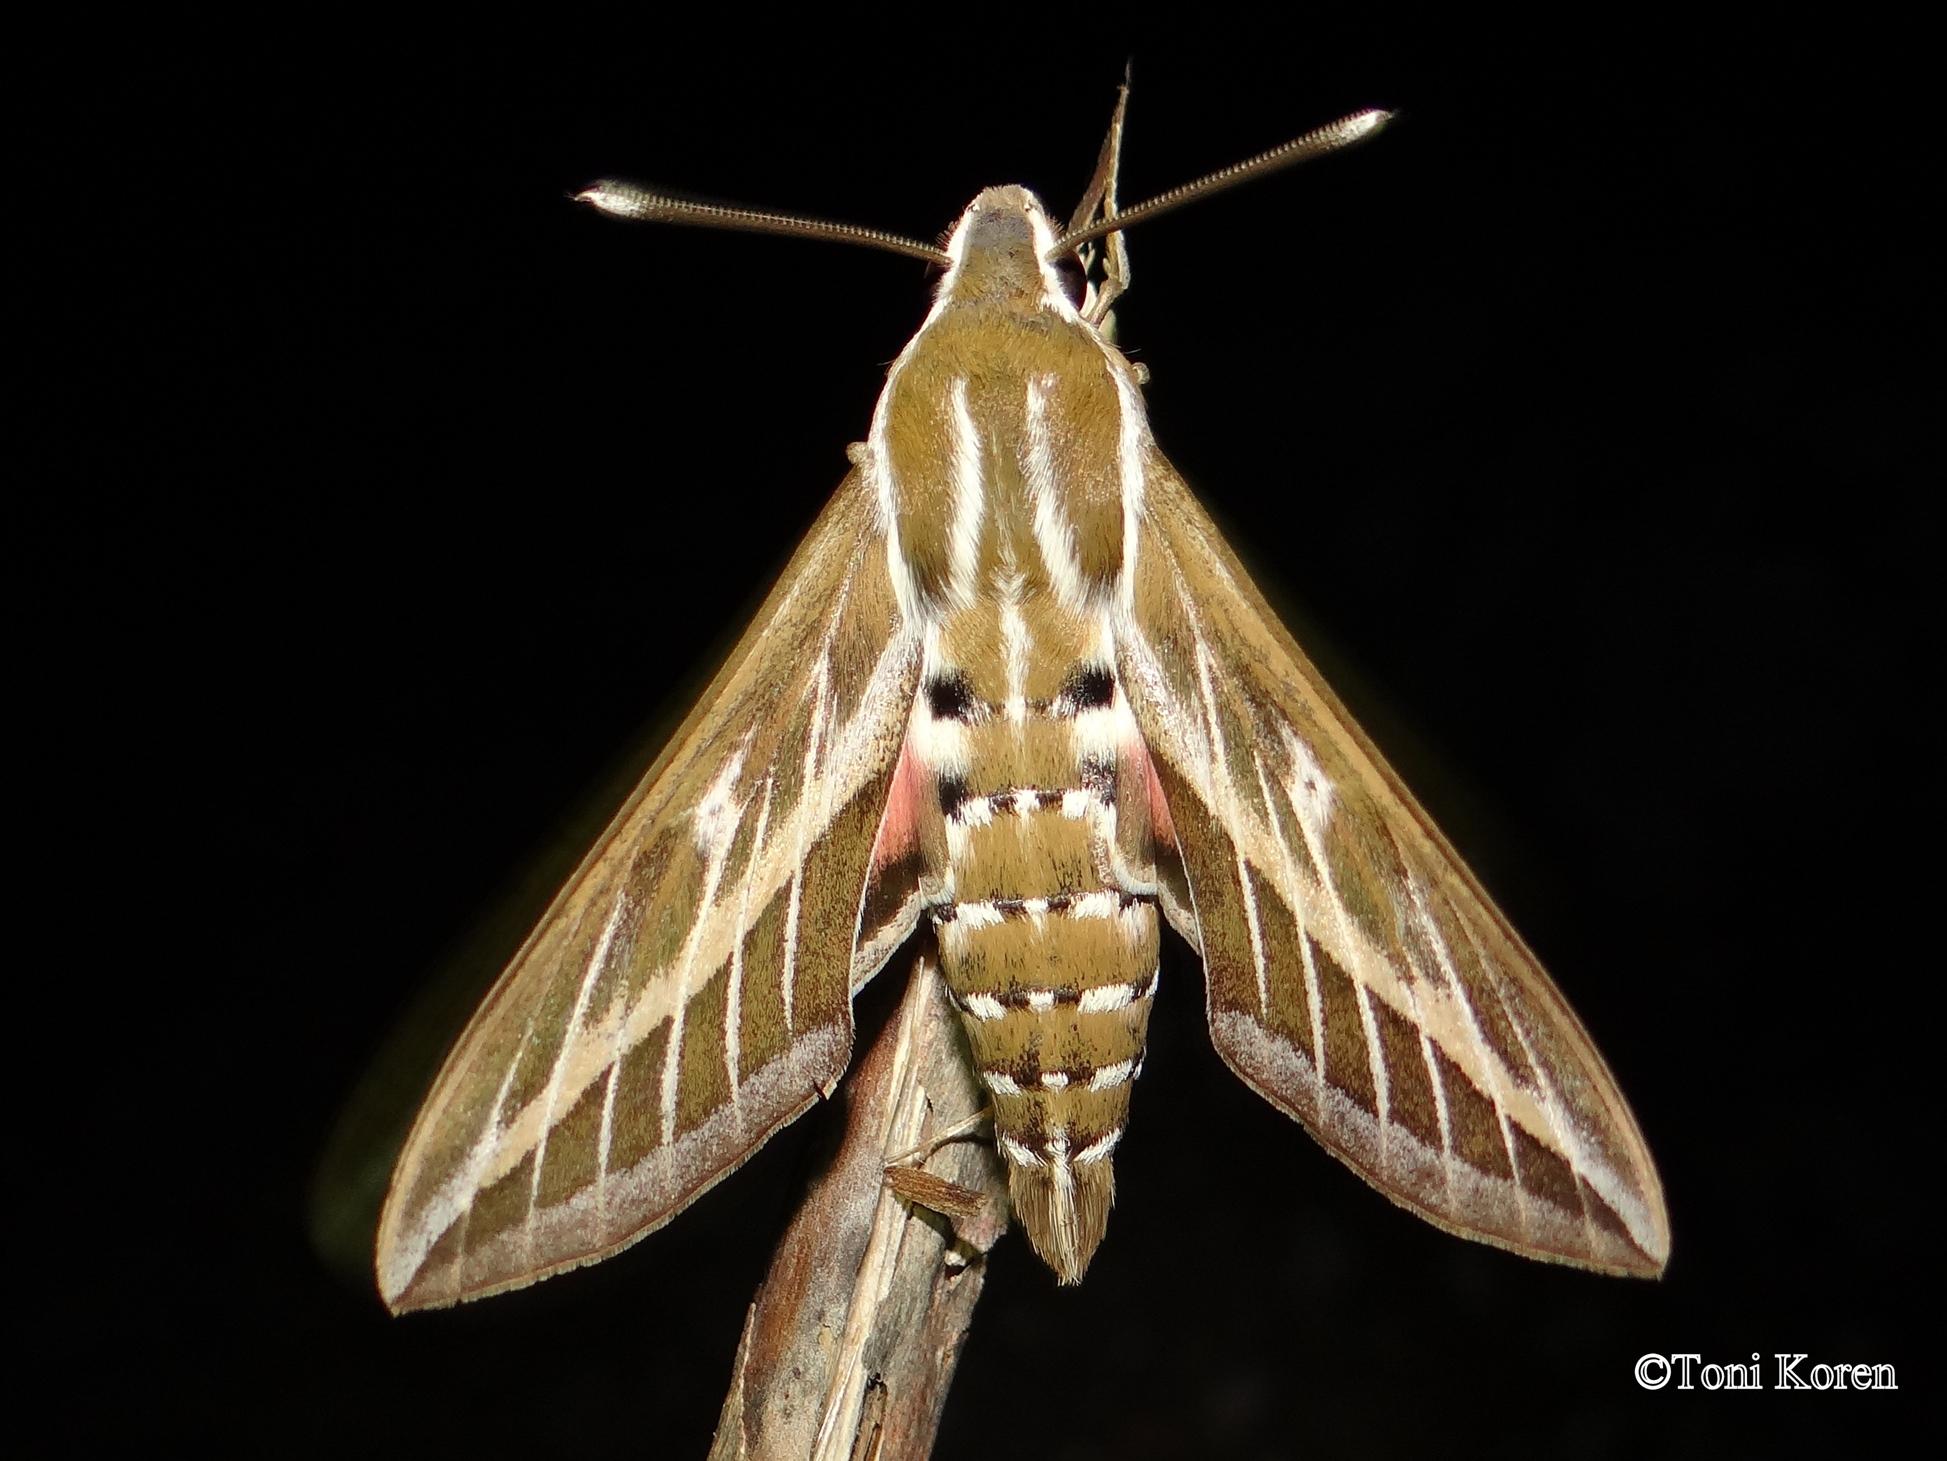 Istraživali smo faunu danjih i noćnih leptira Lokruma